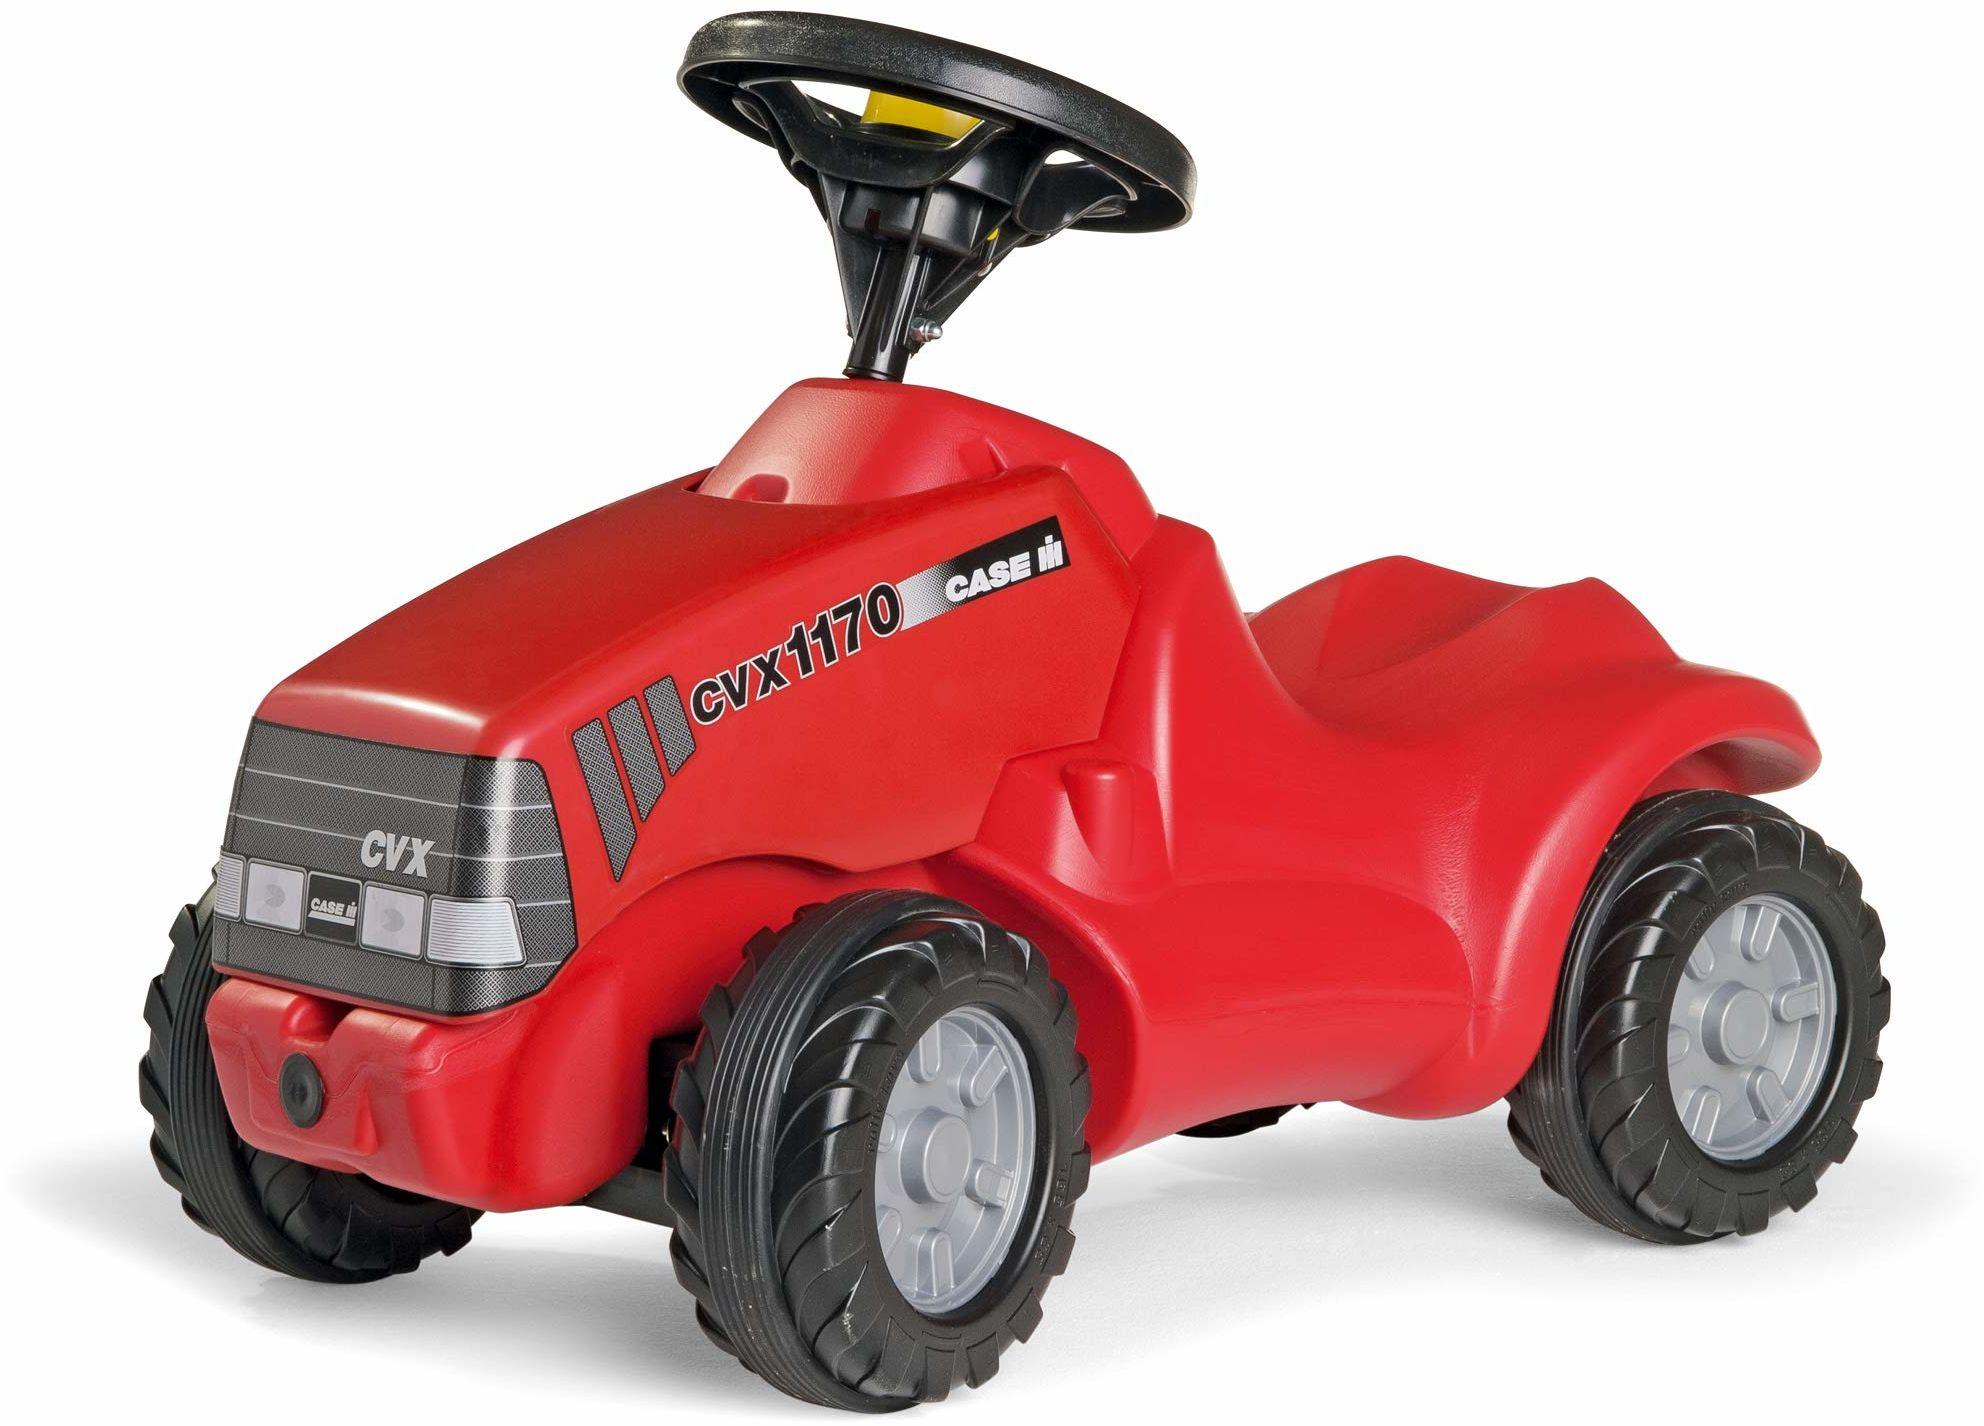 Rolly Toys RollyMinitrac Case CVX 1170 (dla dzieci w wieku od 1,5 do 4 lat, półka pod maską silnika, cicha opona) 132263